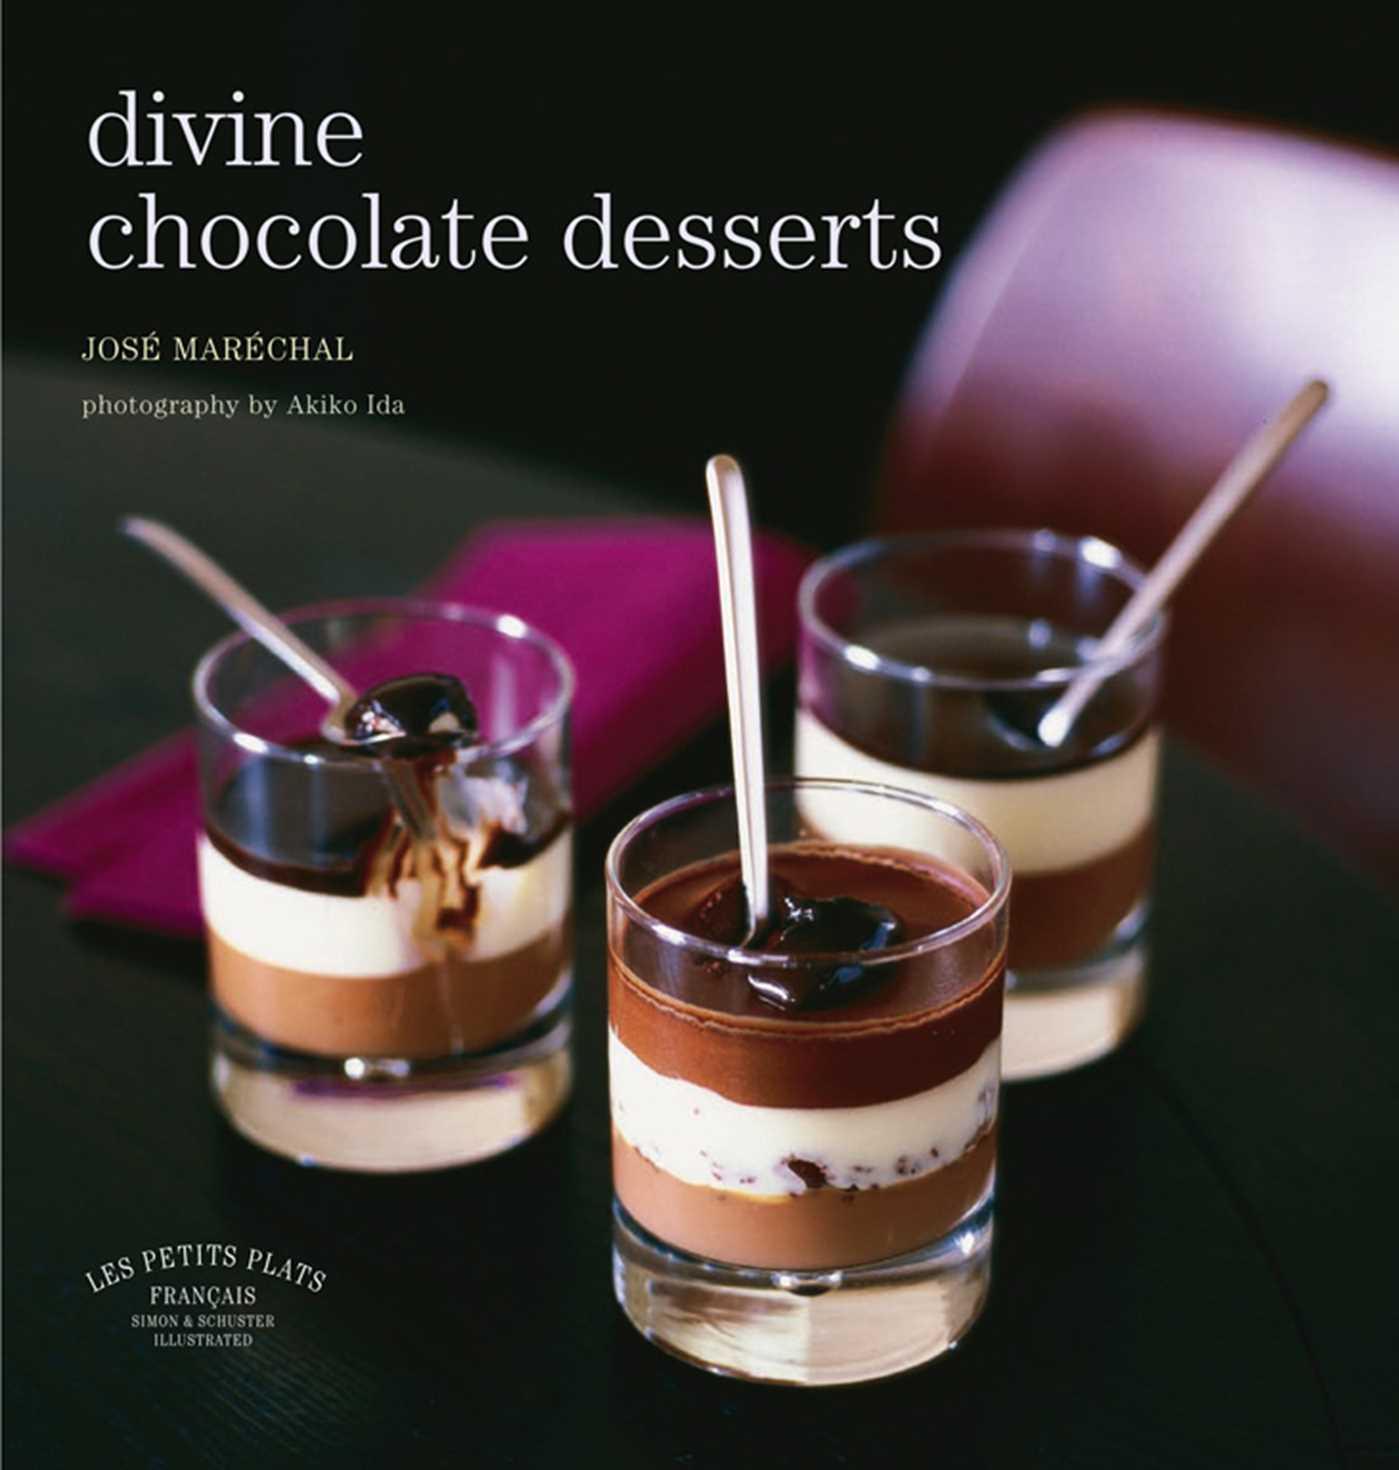 Les petits plats divine chocolate desserts 9780857201102 hr